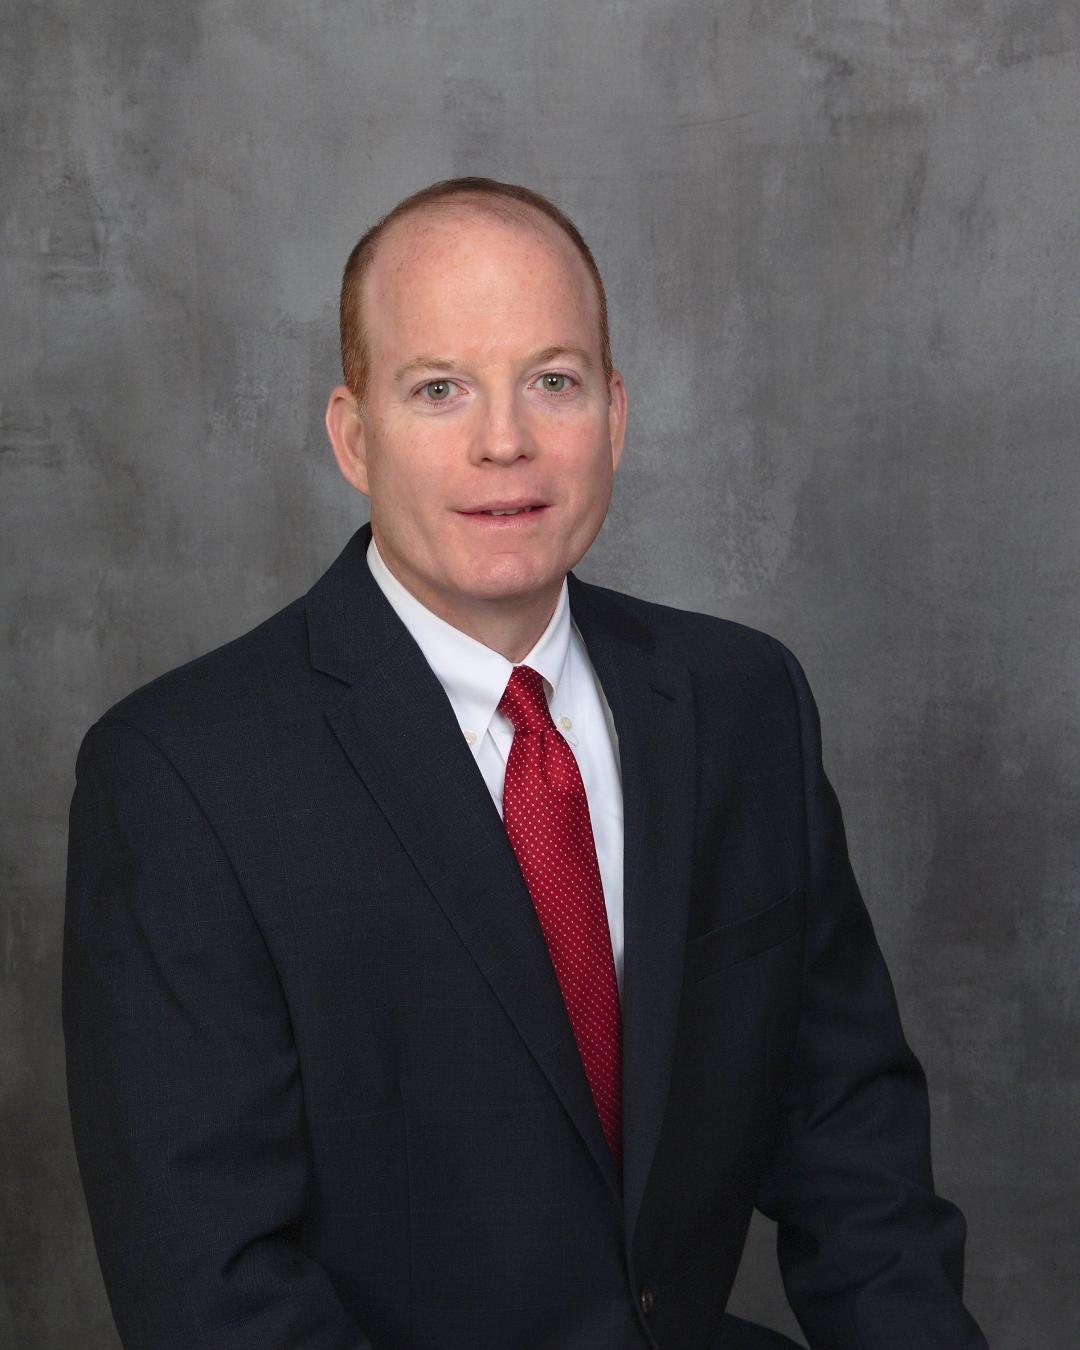 ROBERT MCENROE  Your Registered Representative & Insurance Agent